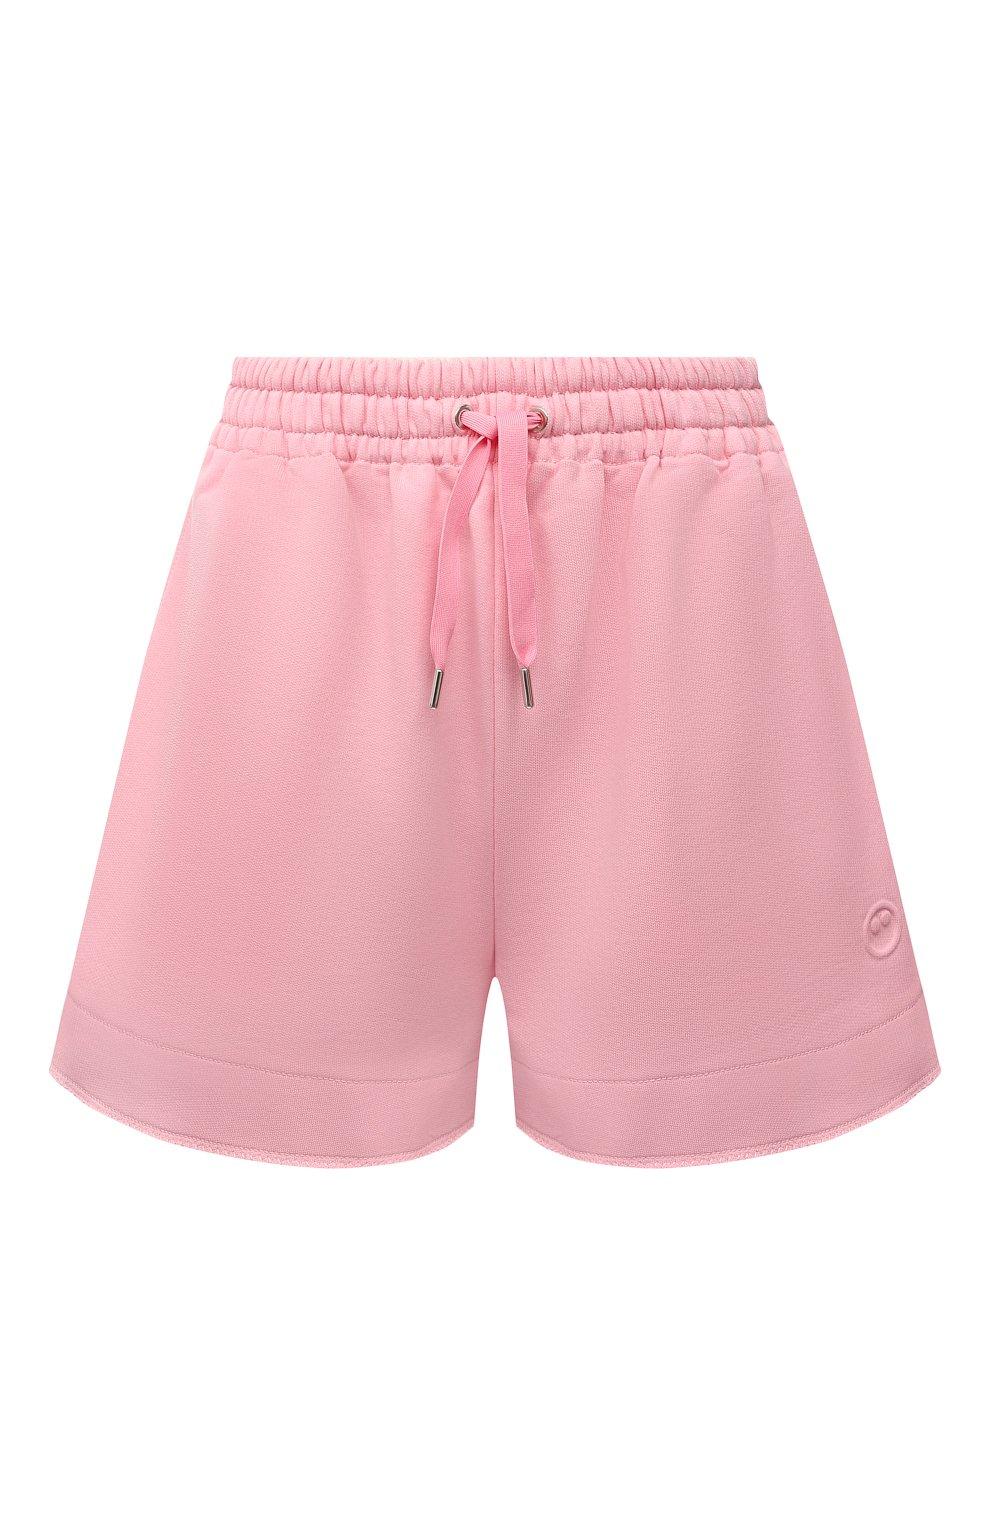 Женские хлопковые шорты AZ FACTORY светло-розового цвета, арт. SH0004/0C1 | Фото 1 (Женское Кросс-КТ: Шорты-одежда; Длина Ж (юбки, платья, шорты): Мини; Кросс-КТ: Трикотаж; Материал внешний: Хлопок; Стили: Спорт-шик)